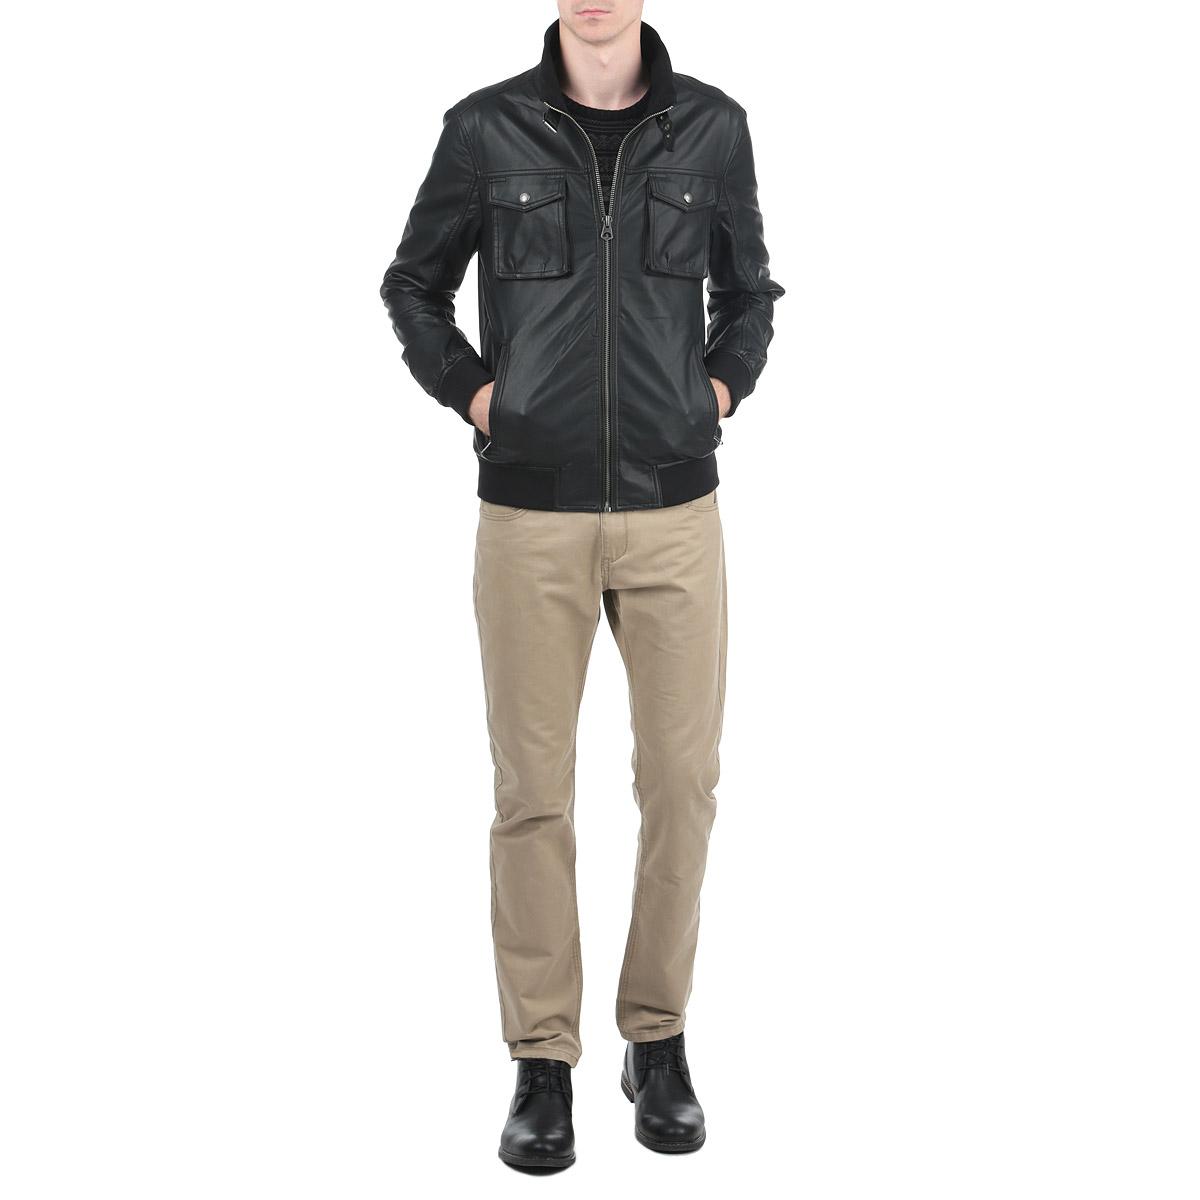 10153074_999Стильная мужская куртка Broadway выполнена из высококачественной искусственной матовой кожи с подкладкой из полиэстера и рассчитана на прохладную погоду. Куртка поможет вам почувствовать себя максимально комфортно и стильно. Модель с длинными рукавами и воротником-стойкой застегивается на металлическую застежку-молнию. Манжеты и воротник изделия дополнены текстильными вставками. Куртка дополнена двумя втачными карманами на застежке молнии и двумя нашивными карманами на металлических кнопках. На внутренней стороне изделия расположен прорезной карман на липучке. Модный дизайн и практичность - отличный выбор на каждый день!